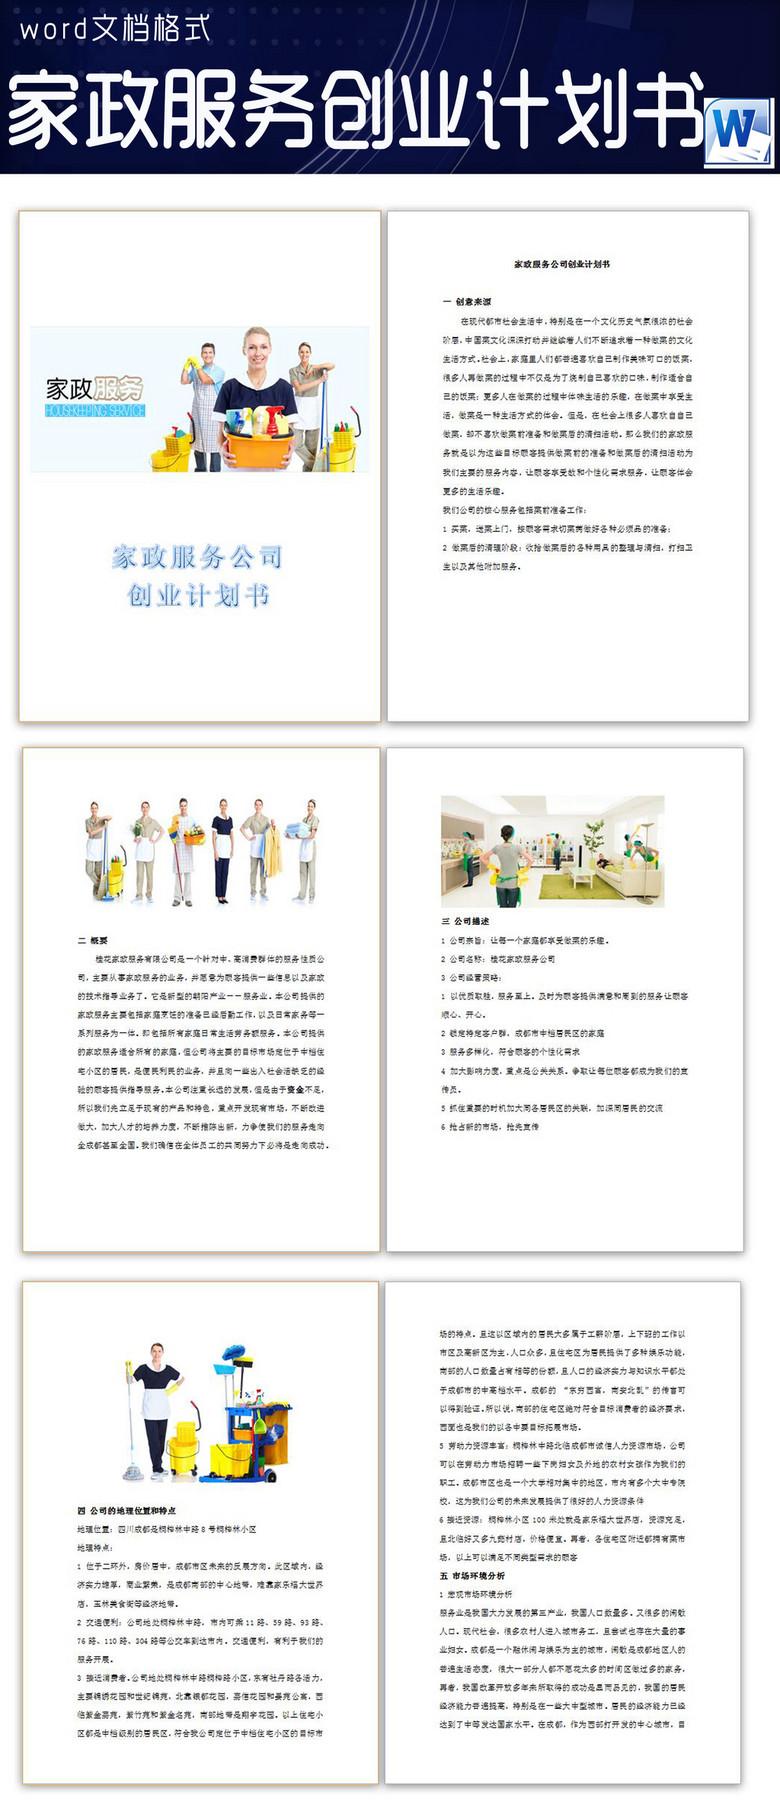 家政服务公司创业计划书22P模板下载 word doc格式素材 图片0.44MB 创业计划书大全 商业策划